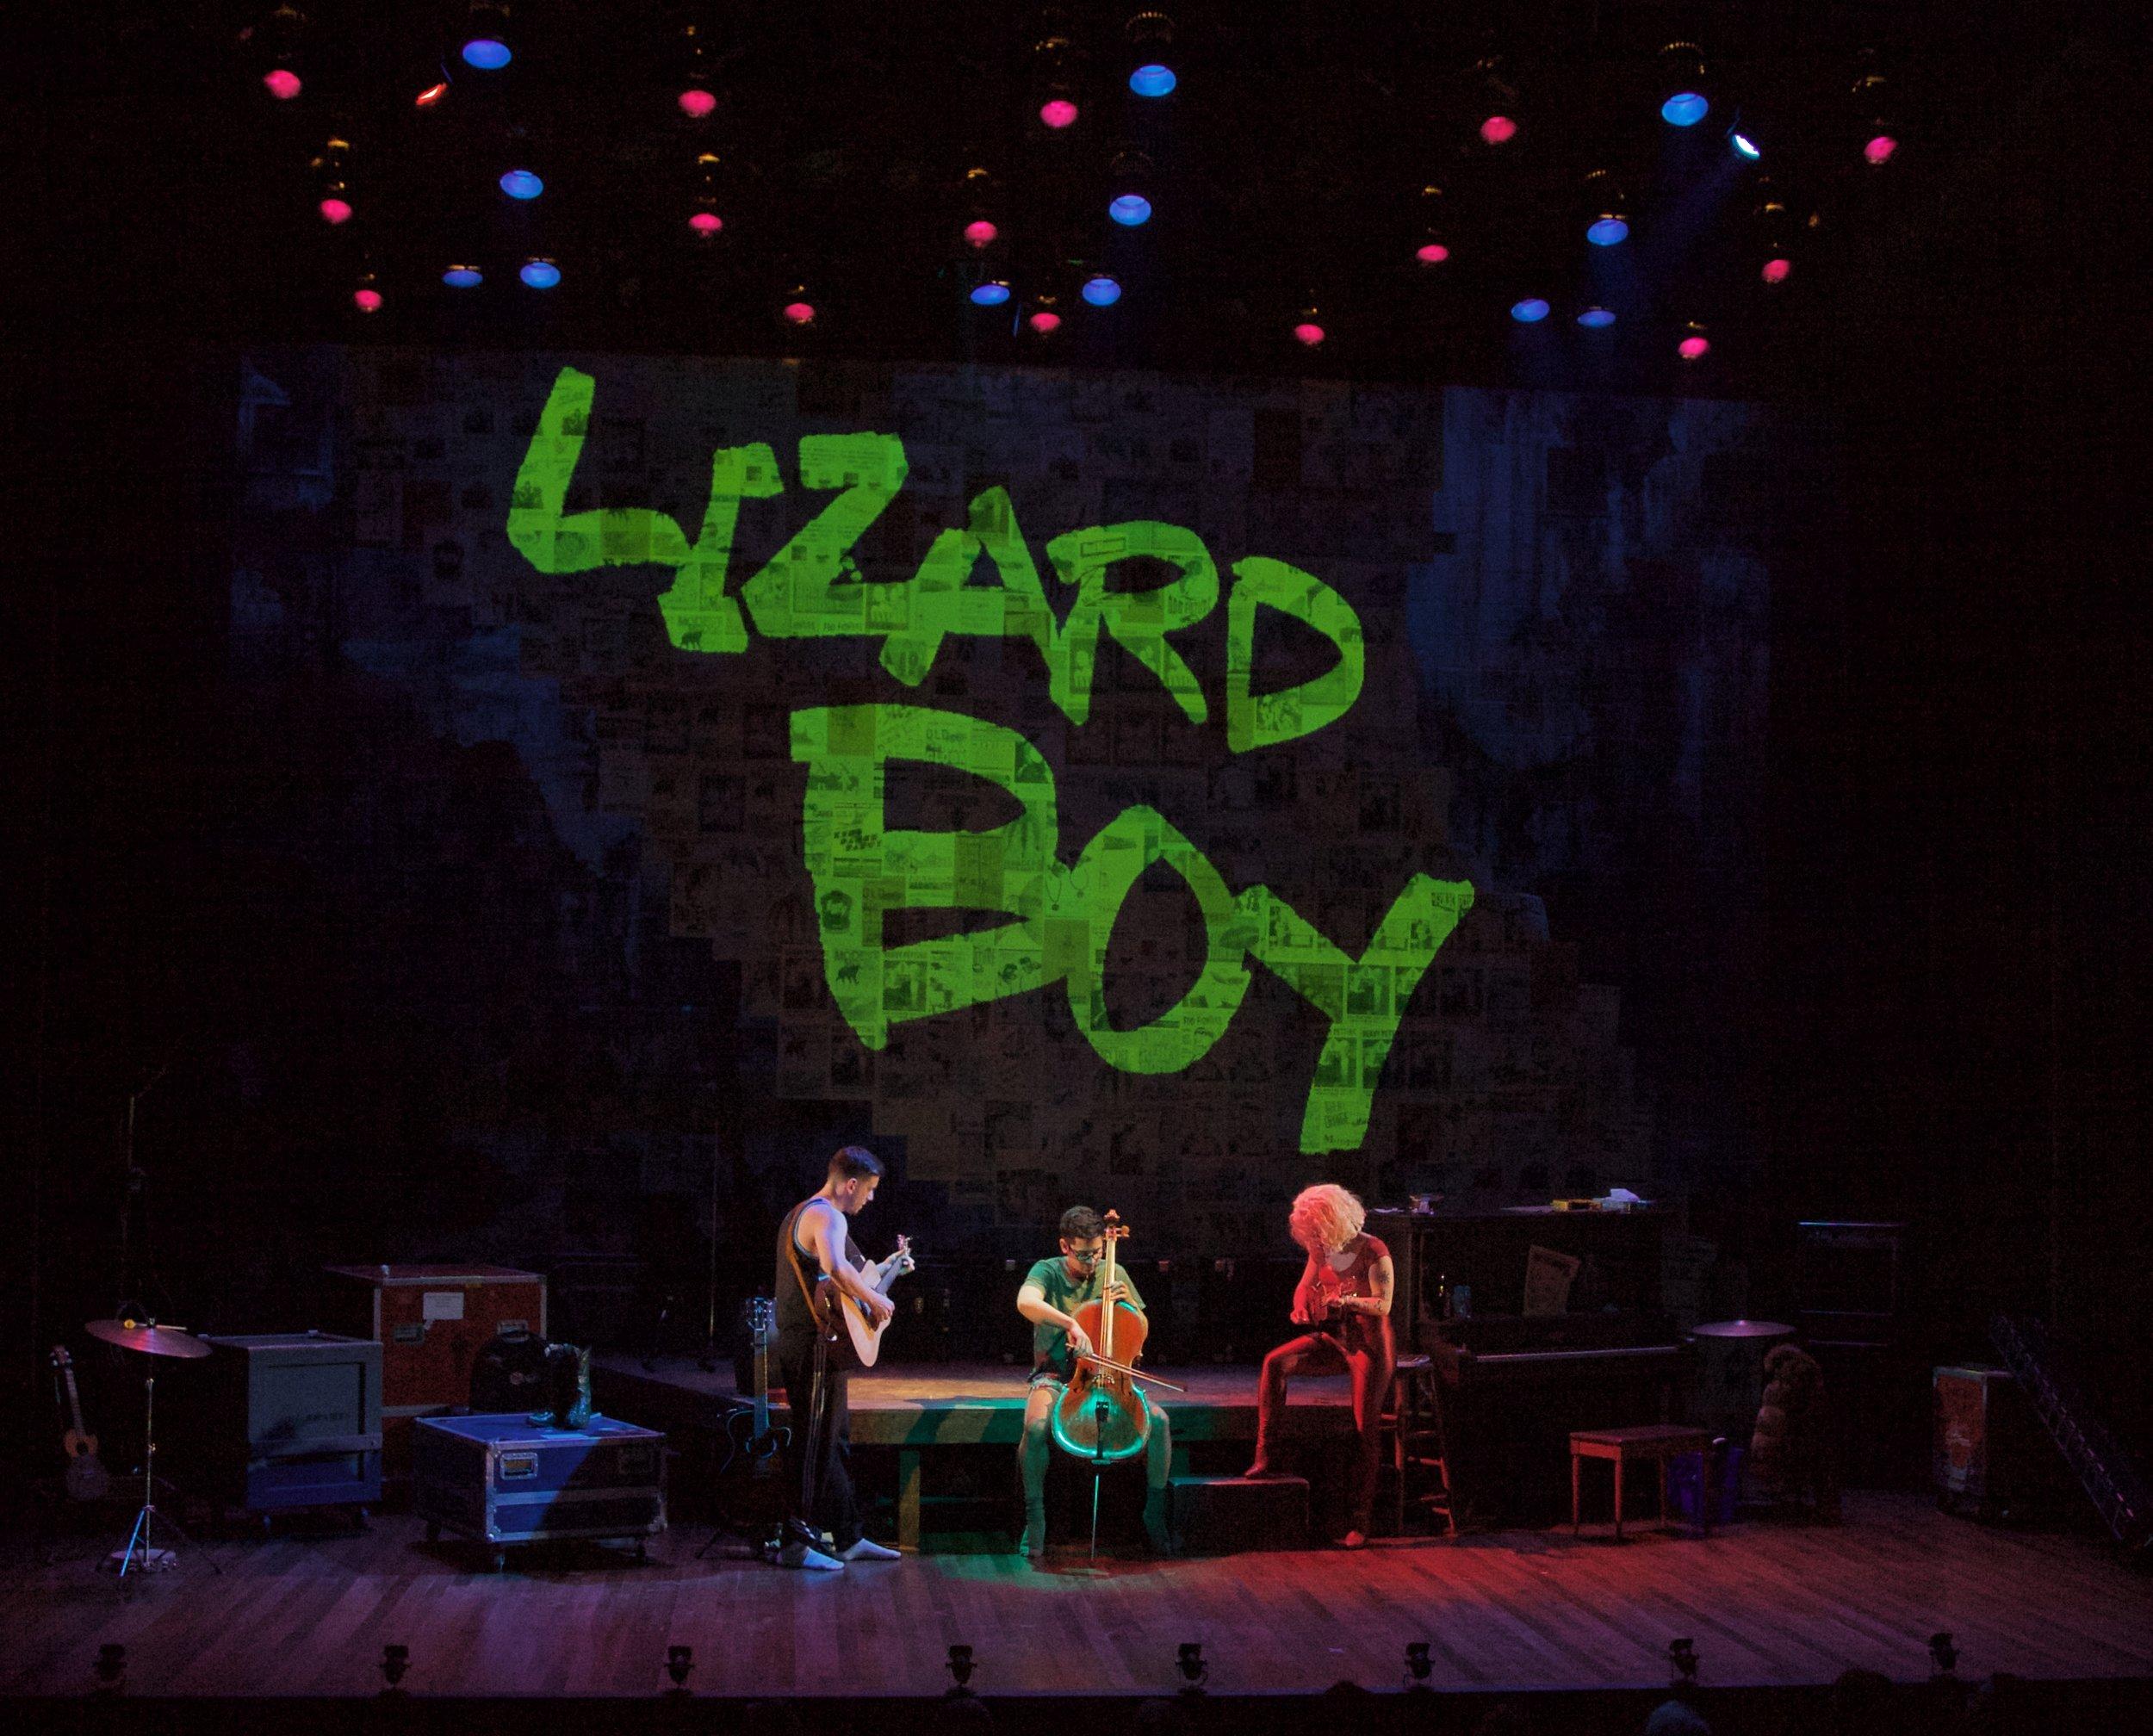 LizardBoy_1.jpg